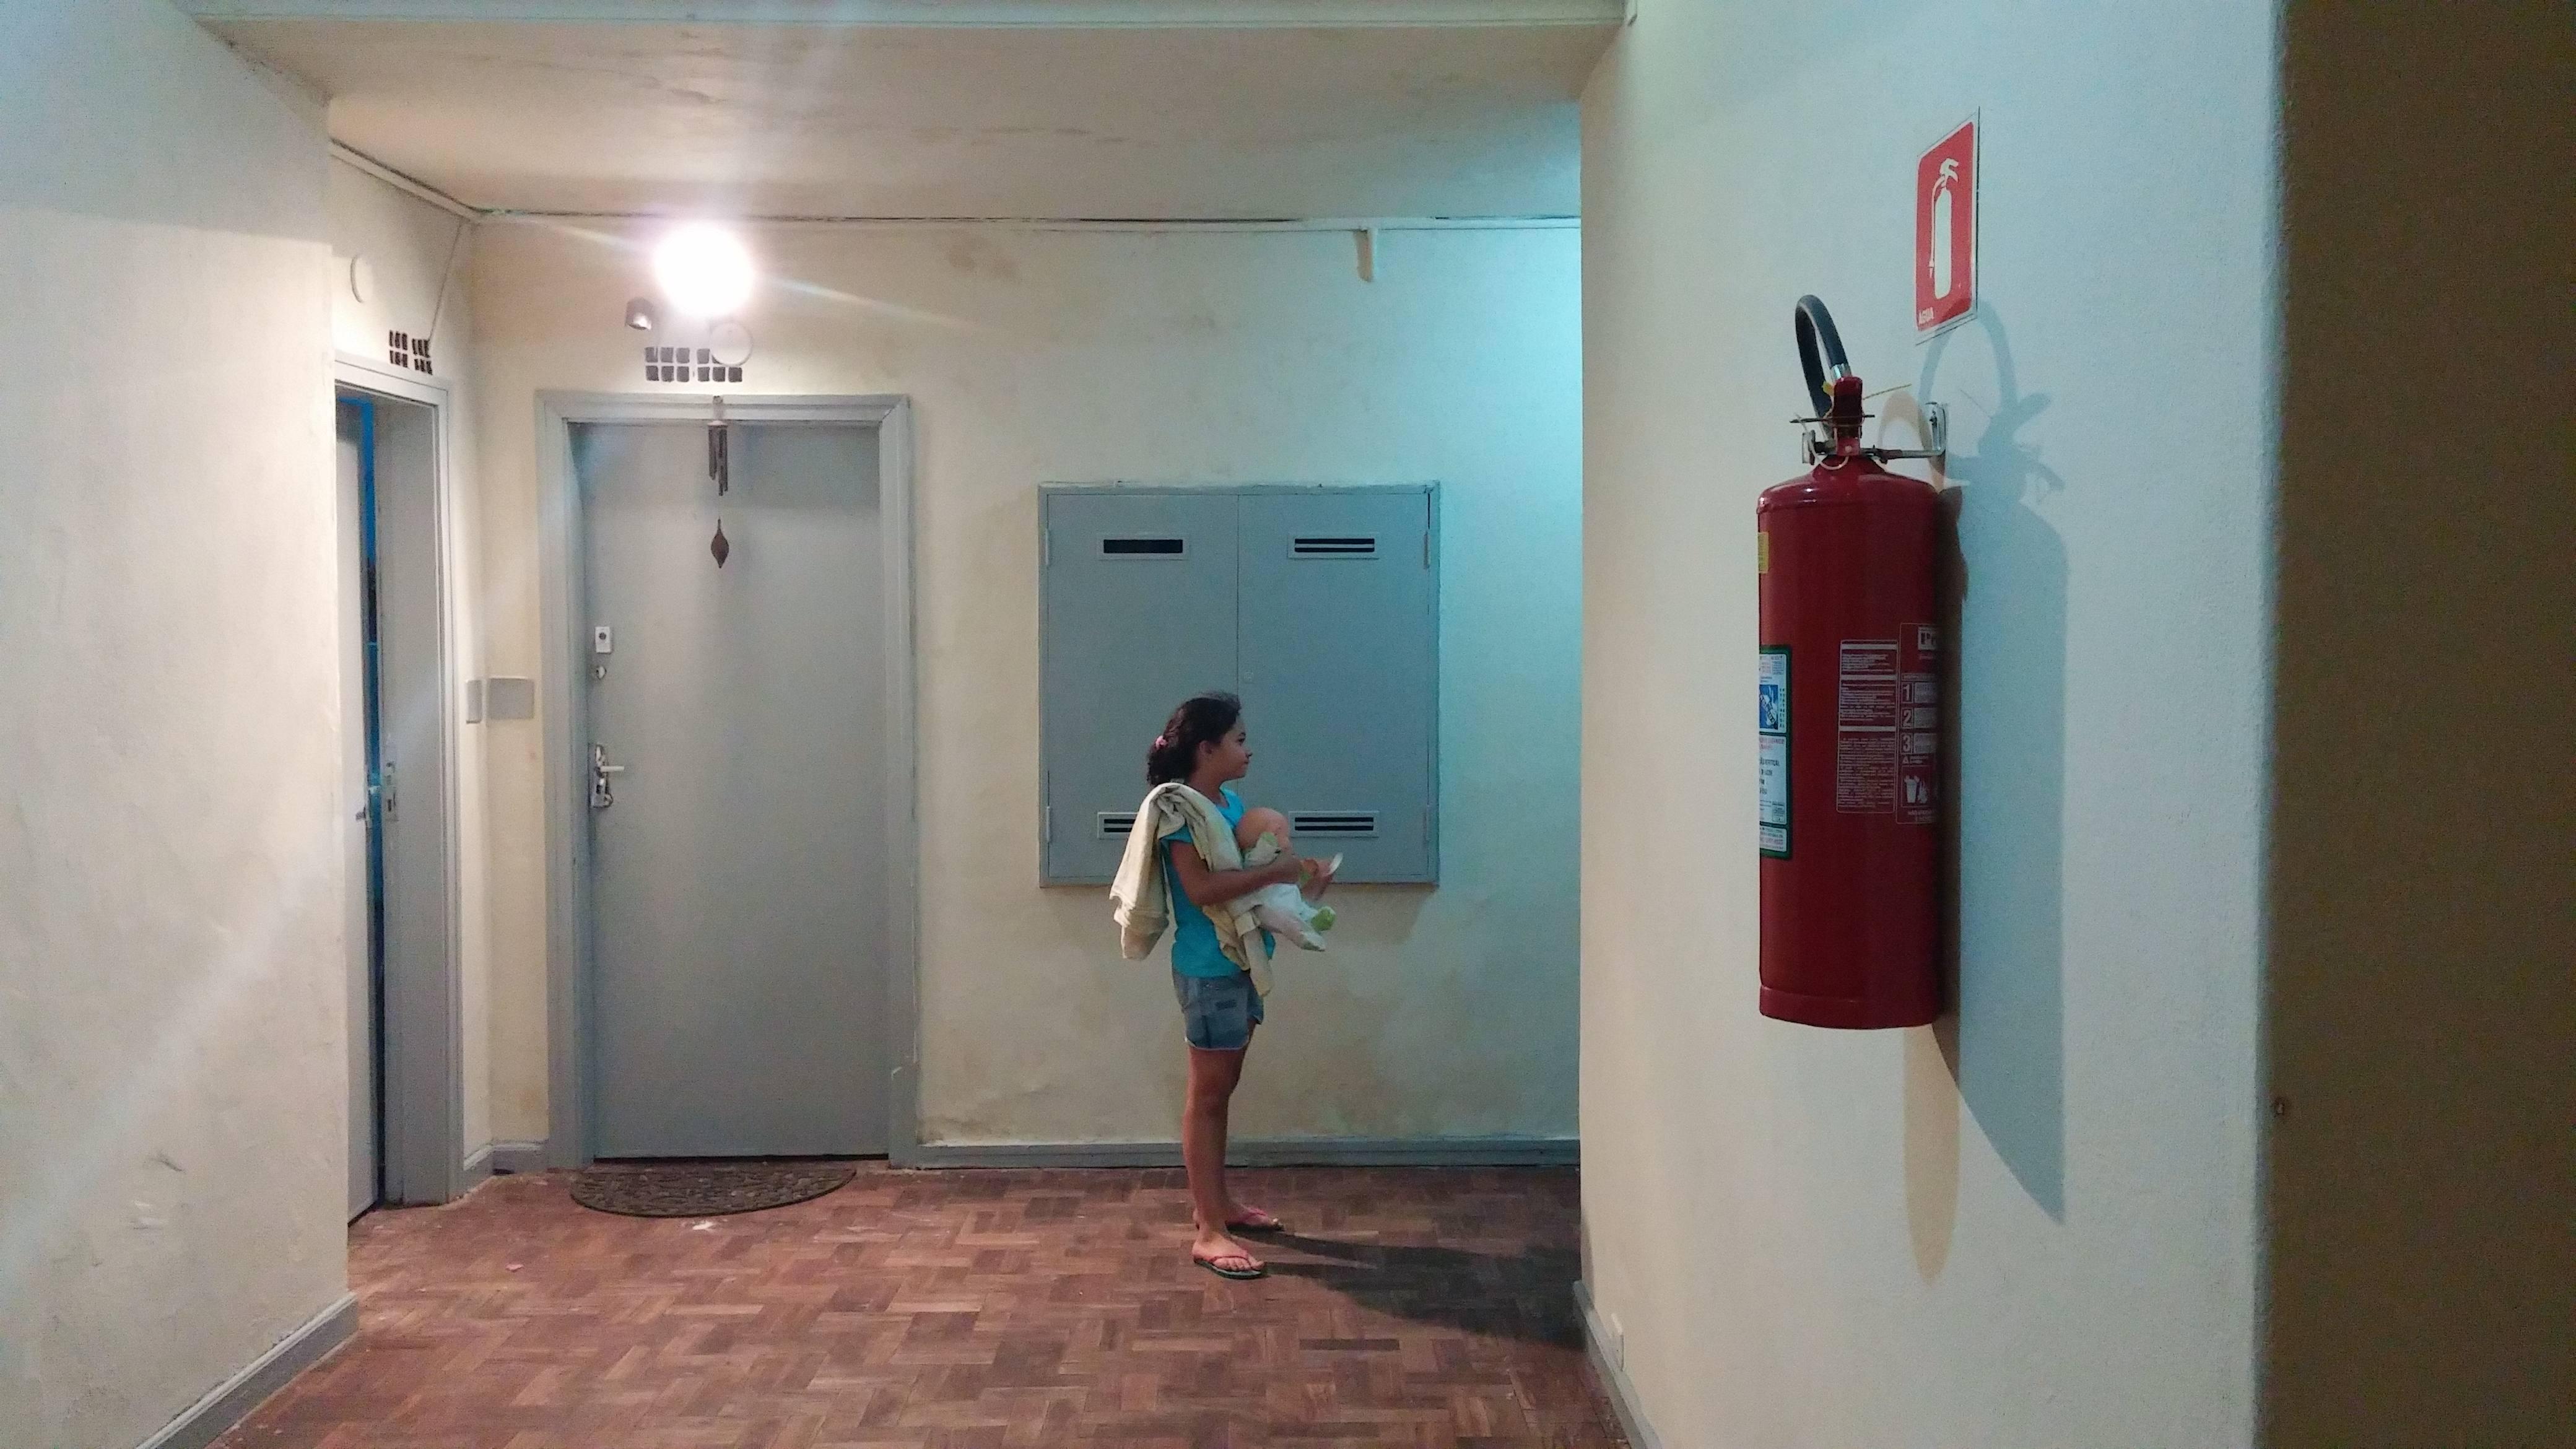 Todos os andares contam com 2 extintores de incêndio no MSTC